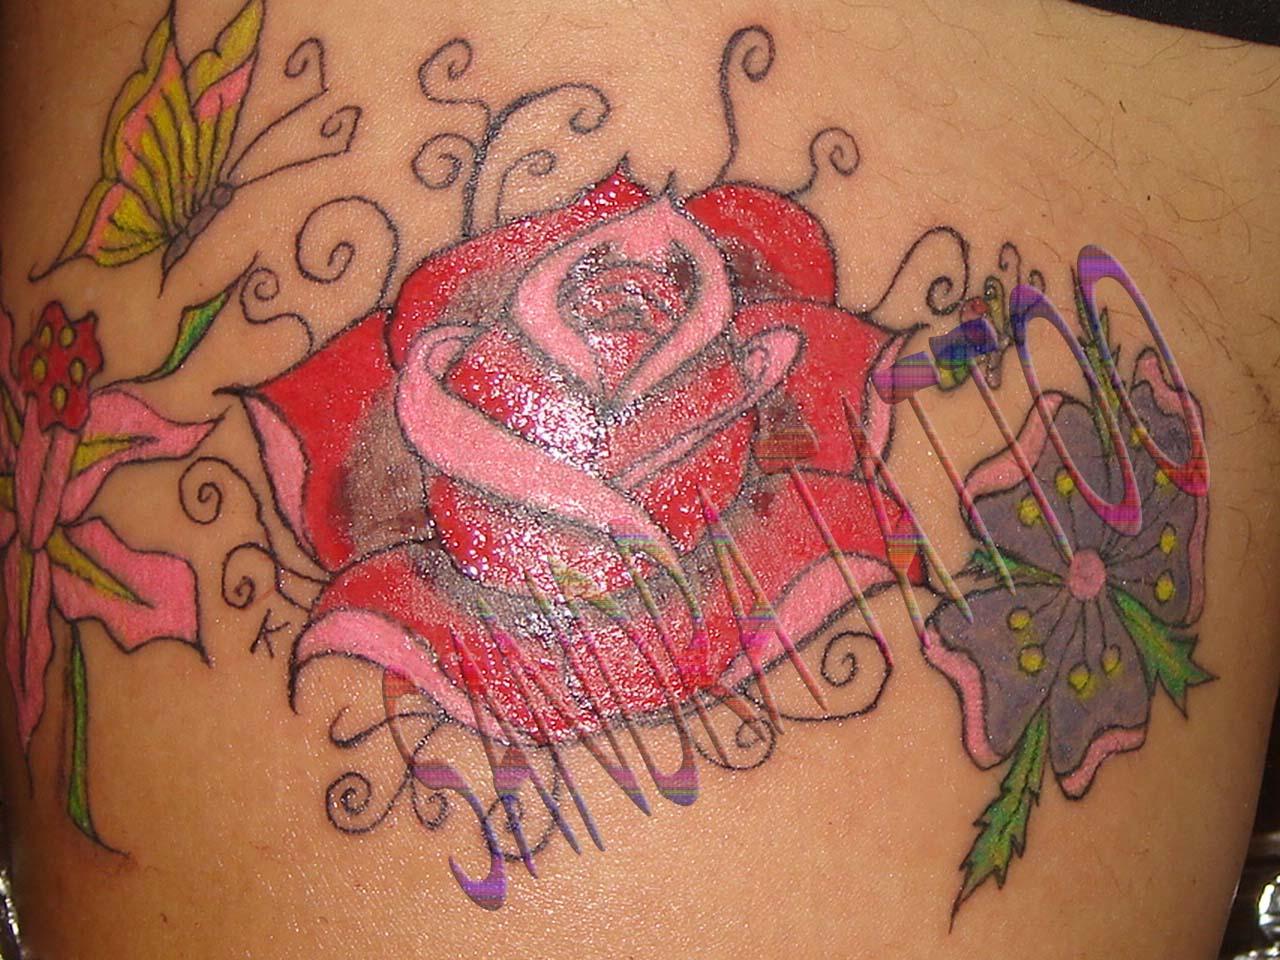 http://3.bp.blogspot.com/_eKky5Nj_fpc/TORZP8FFZHI/AAAAAAAAAB8/7O9WmwPxLFs/s1600/SANDRA.jpg